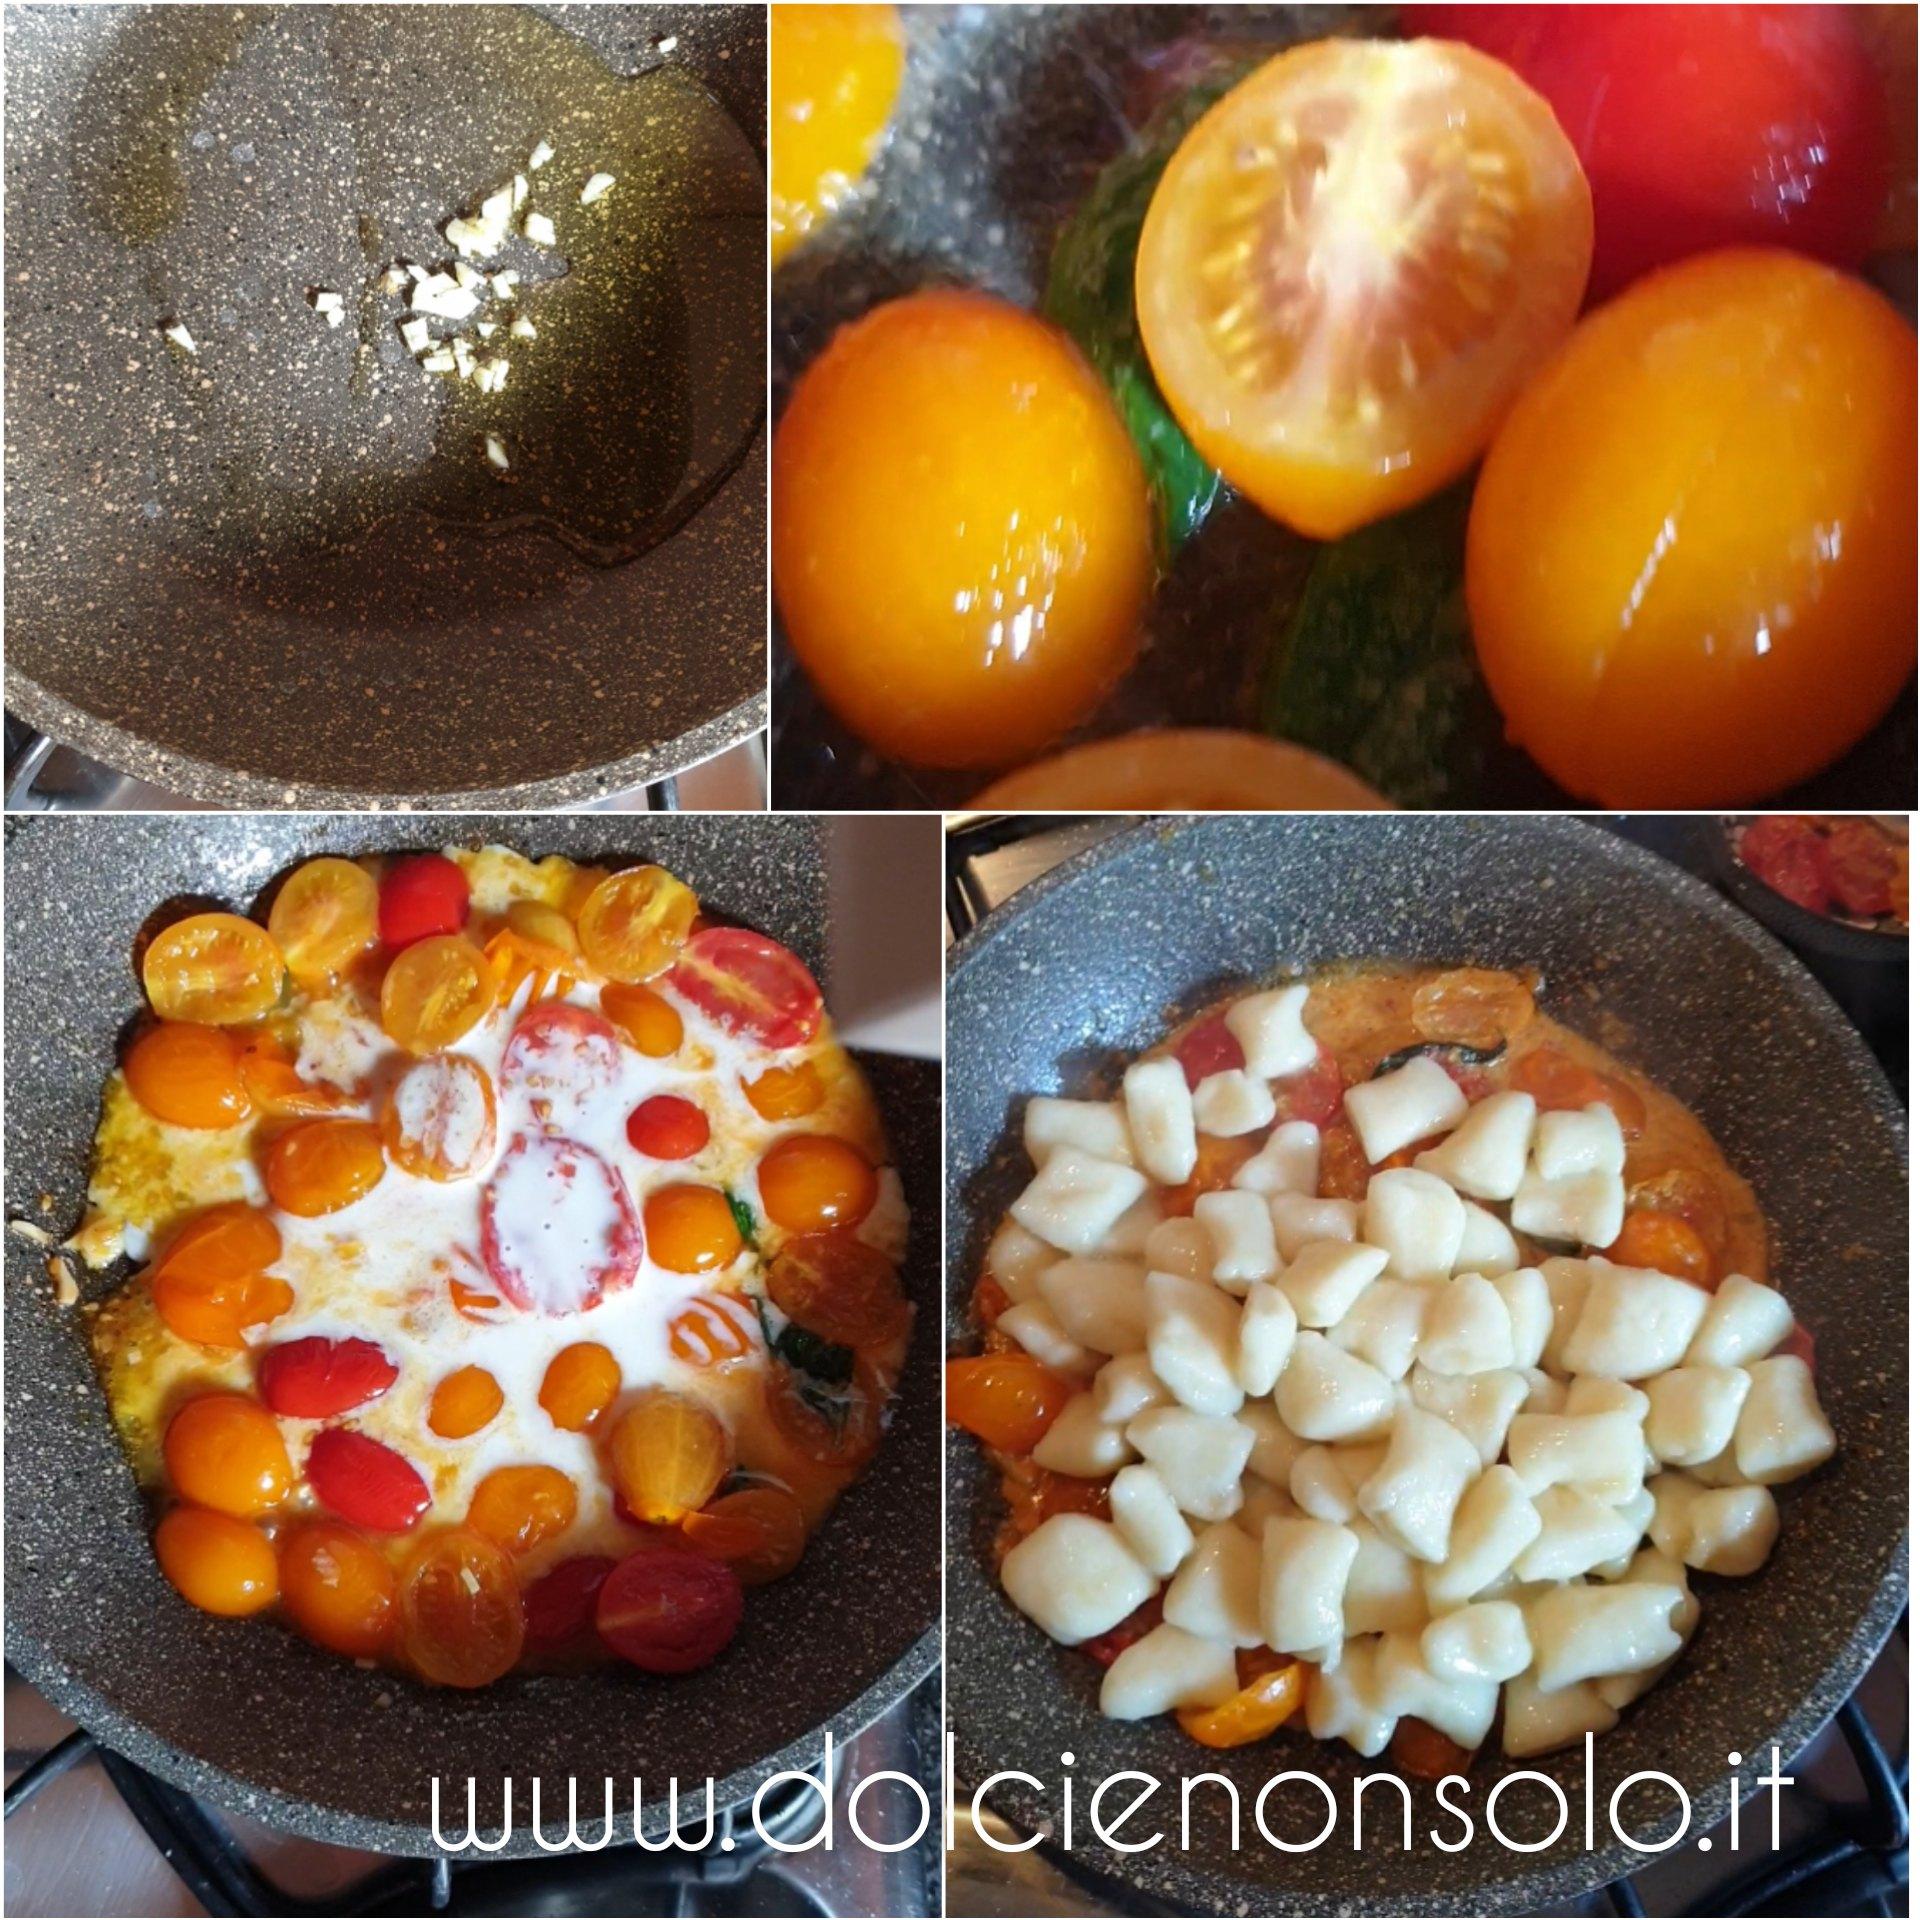 condimento di pomodorini gialli e rossi